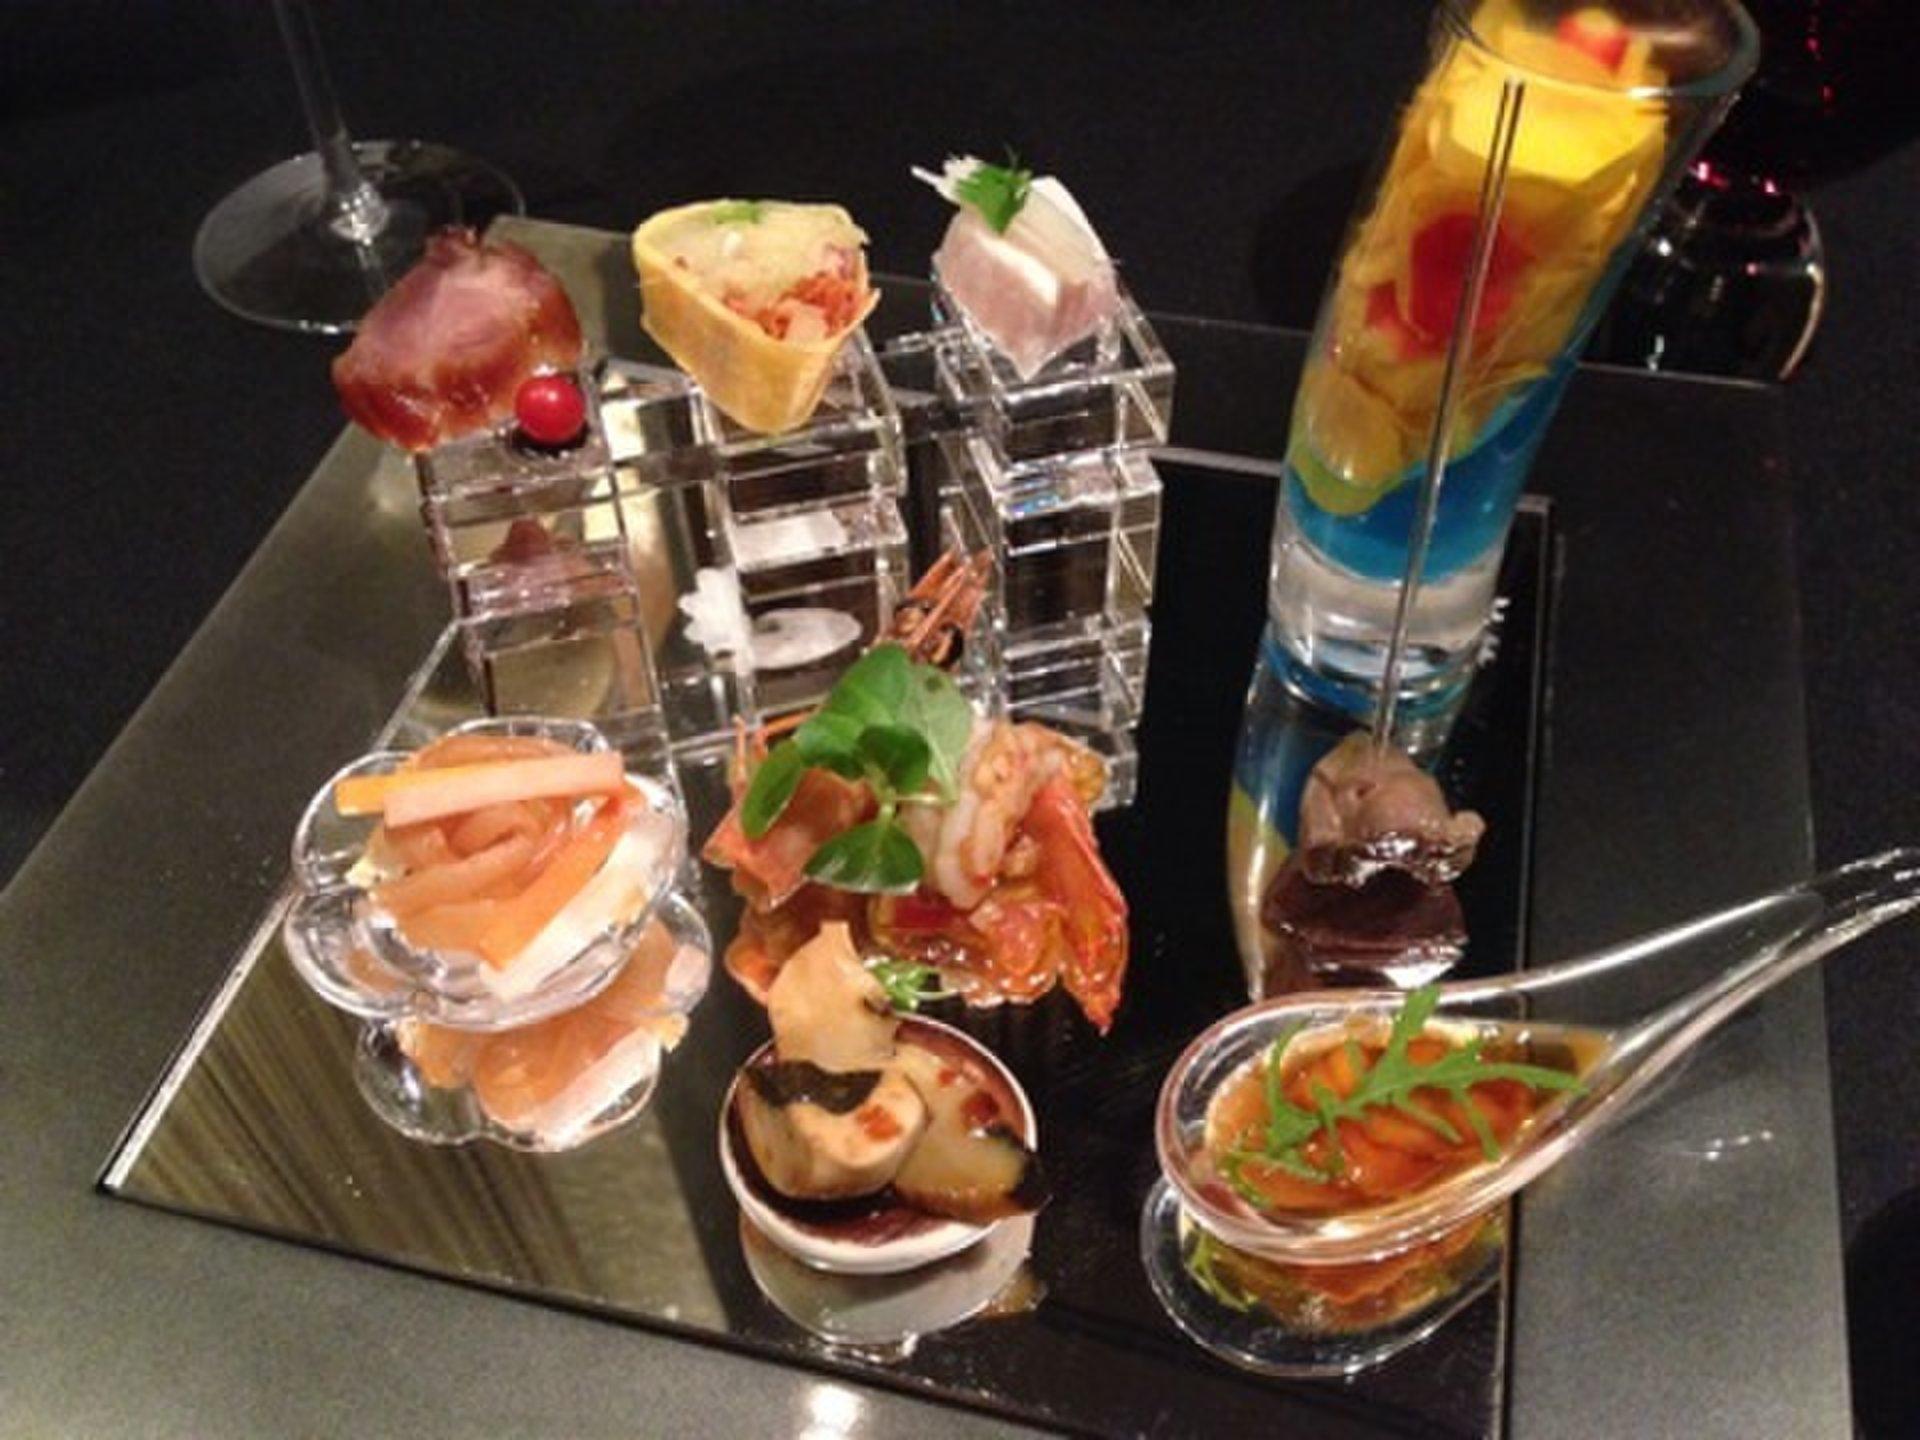 ディナーデートにおすすめ!東京ベイコート倶楽部最上階の絶品創作中華料理「眺遊楼」